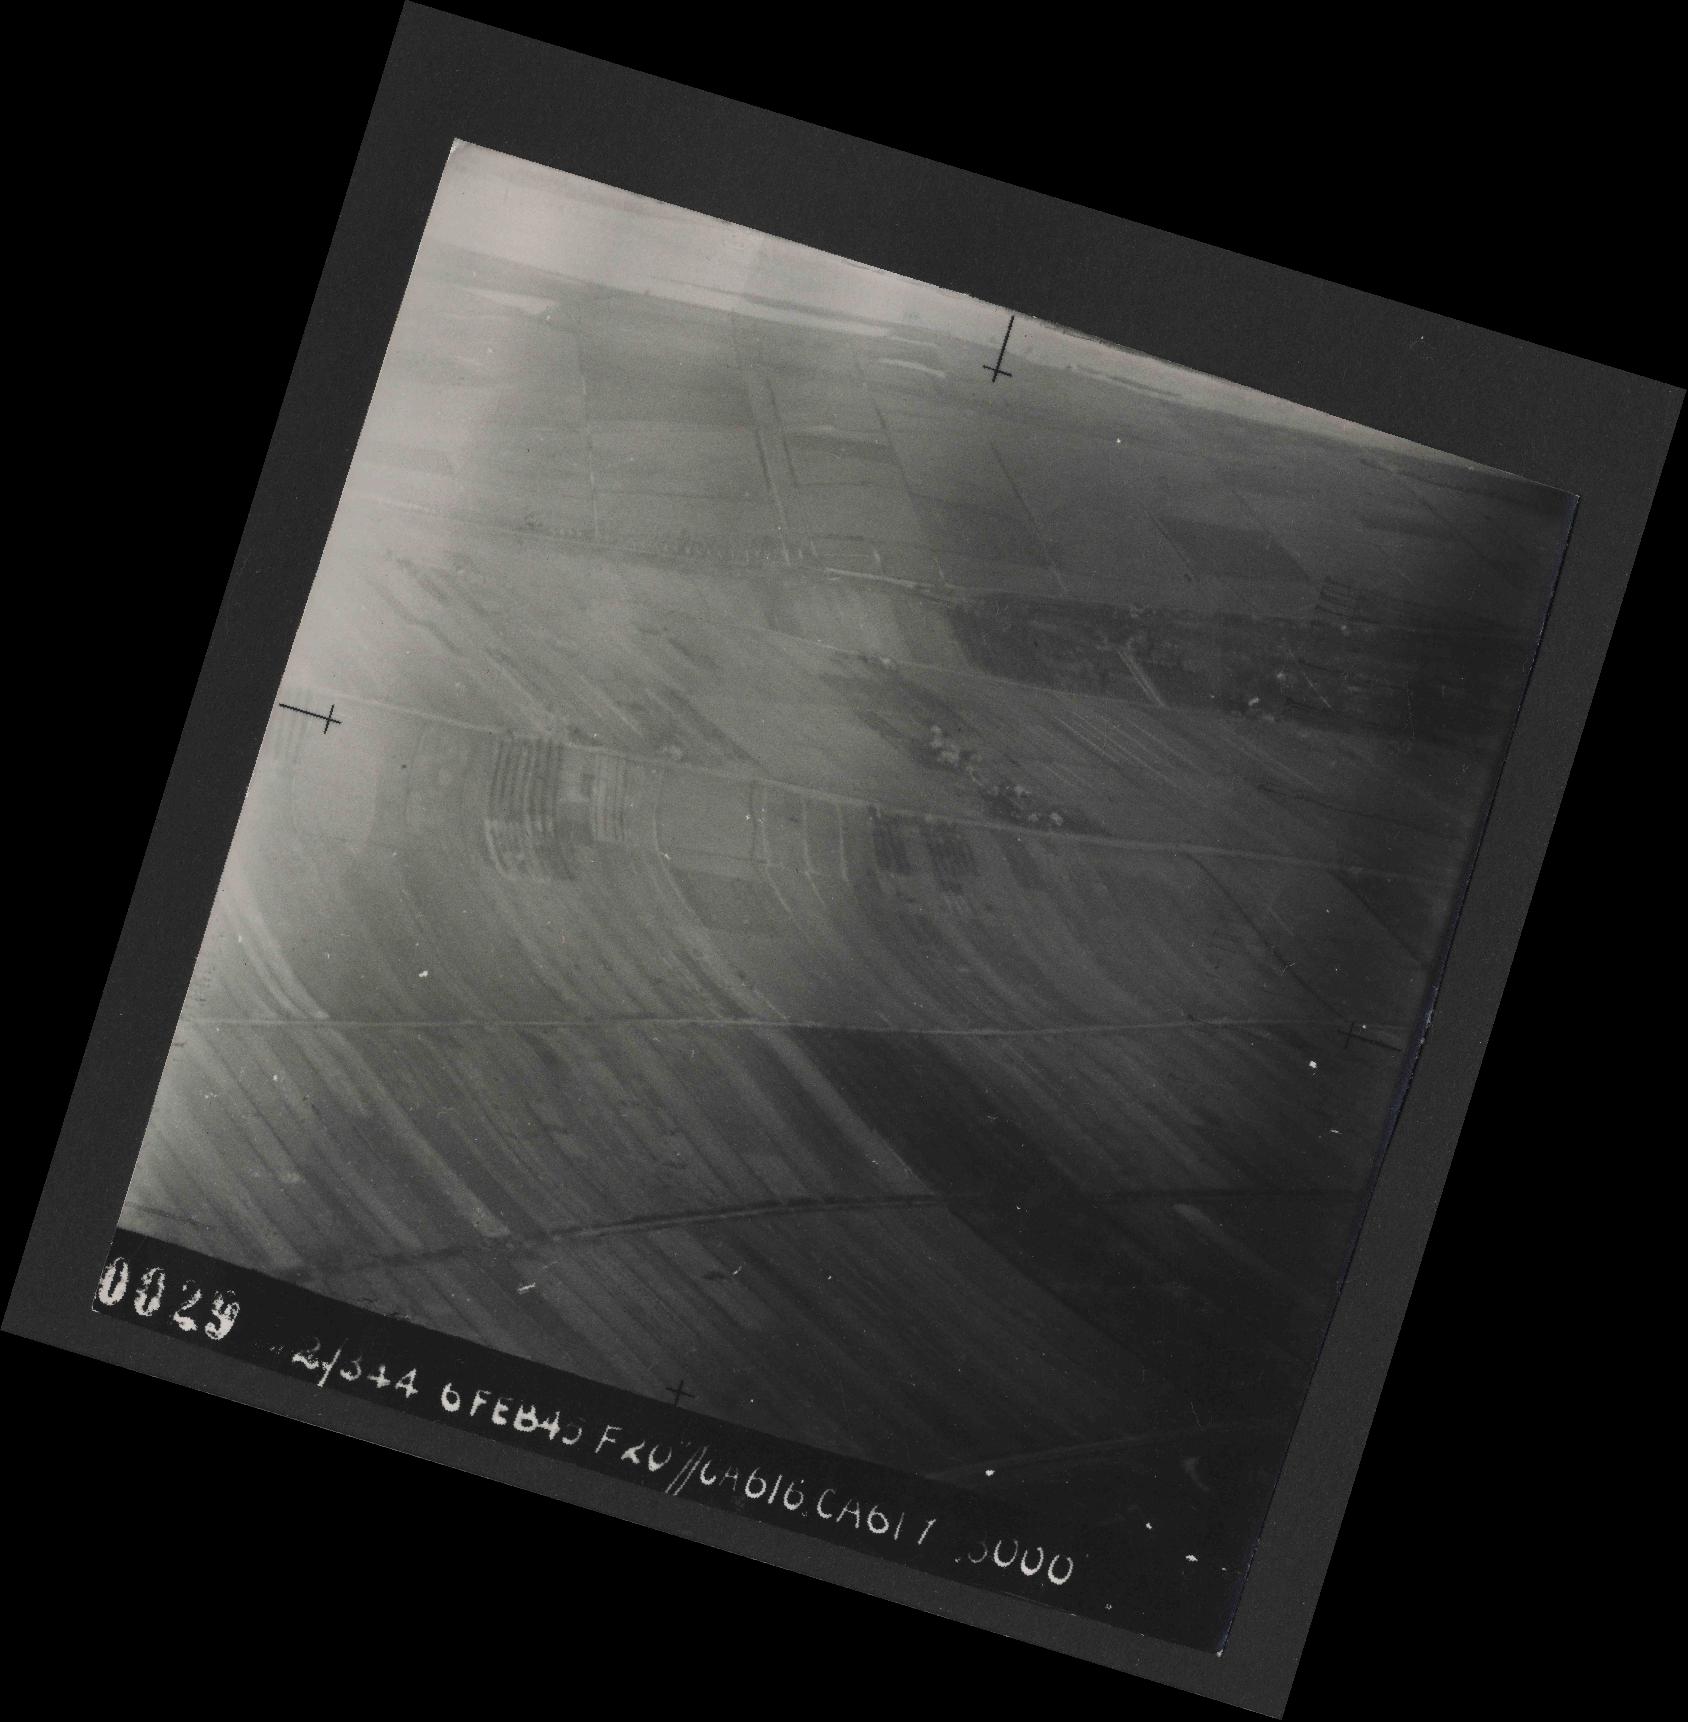 Collection RAF aerial photos 1940-1945 - flight 532, run 01, photo 0029